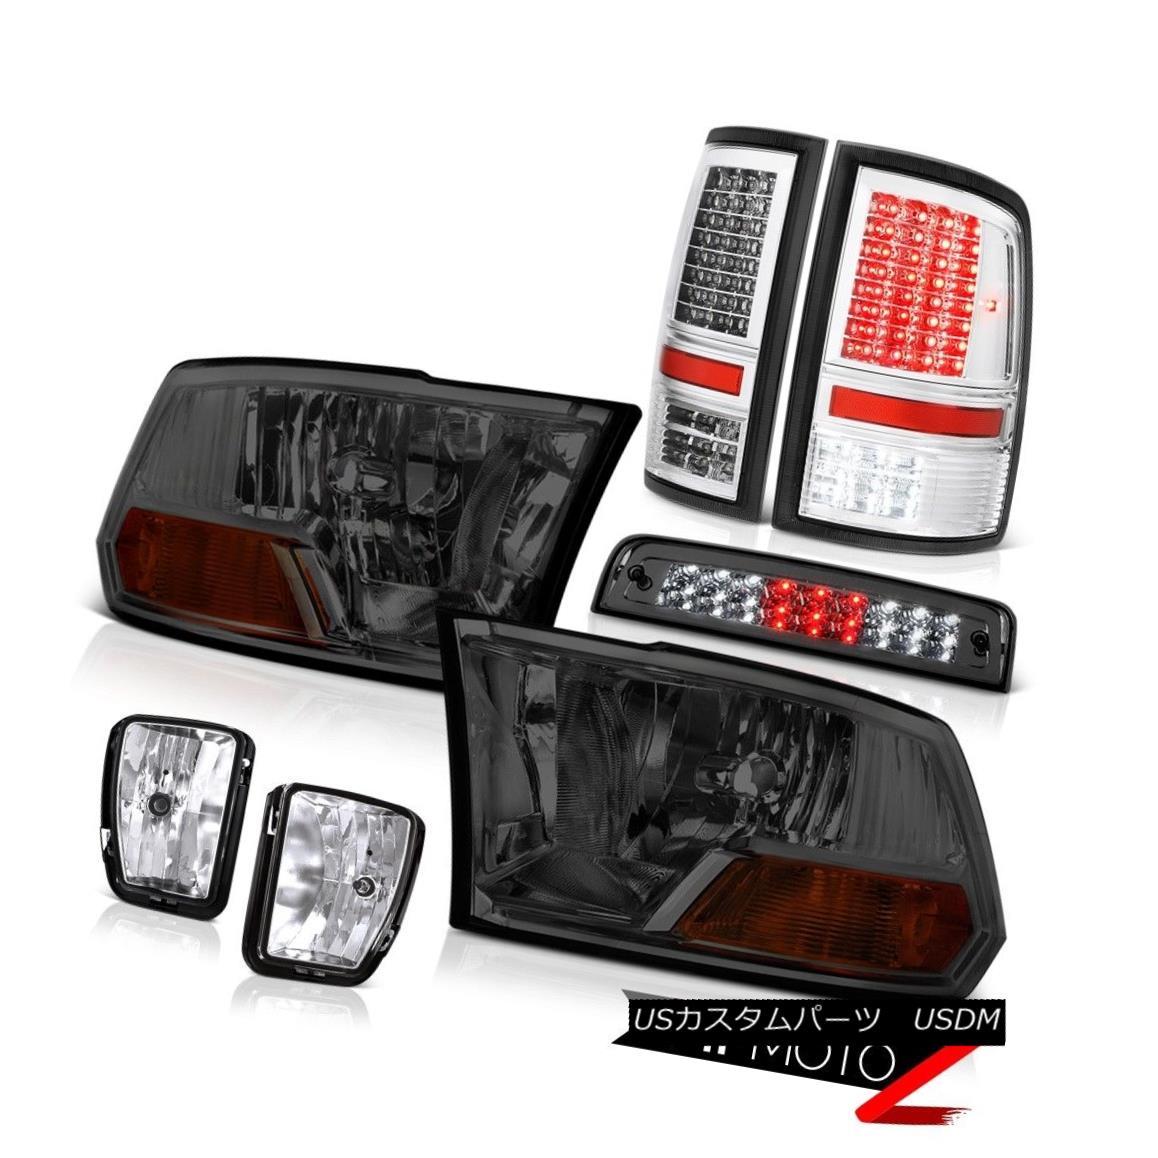 テールライト 13-18 Ram 1500 Lone Star Tail Lights High Stop Light Fog Headlights LED Oe STyle 13-18ラム1500ローンスターテールライトハイストップライトフォッグヘッドライトLED Oe STyle